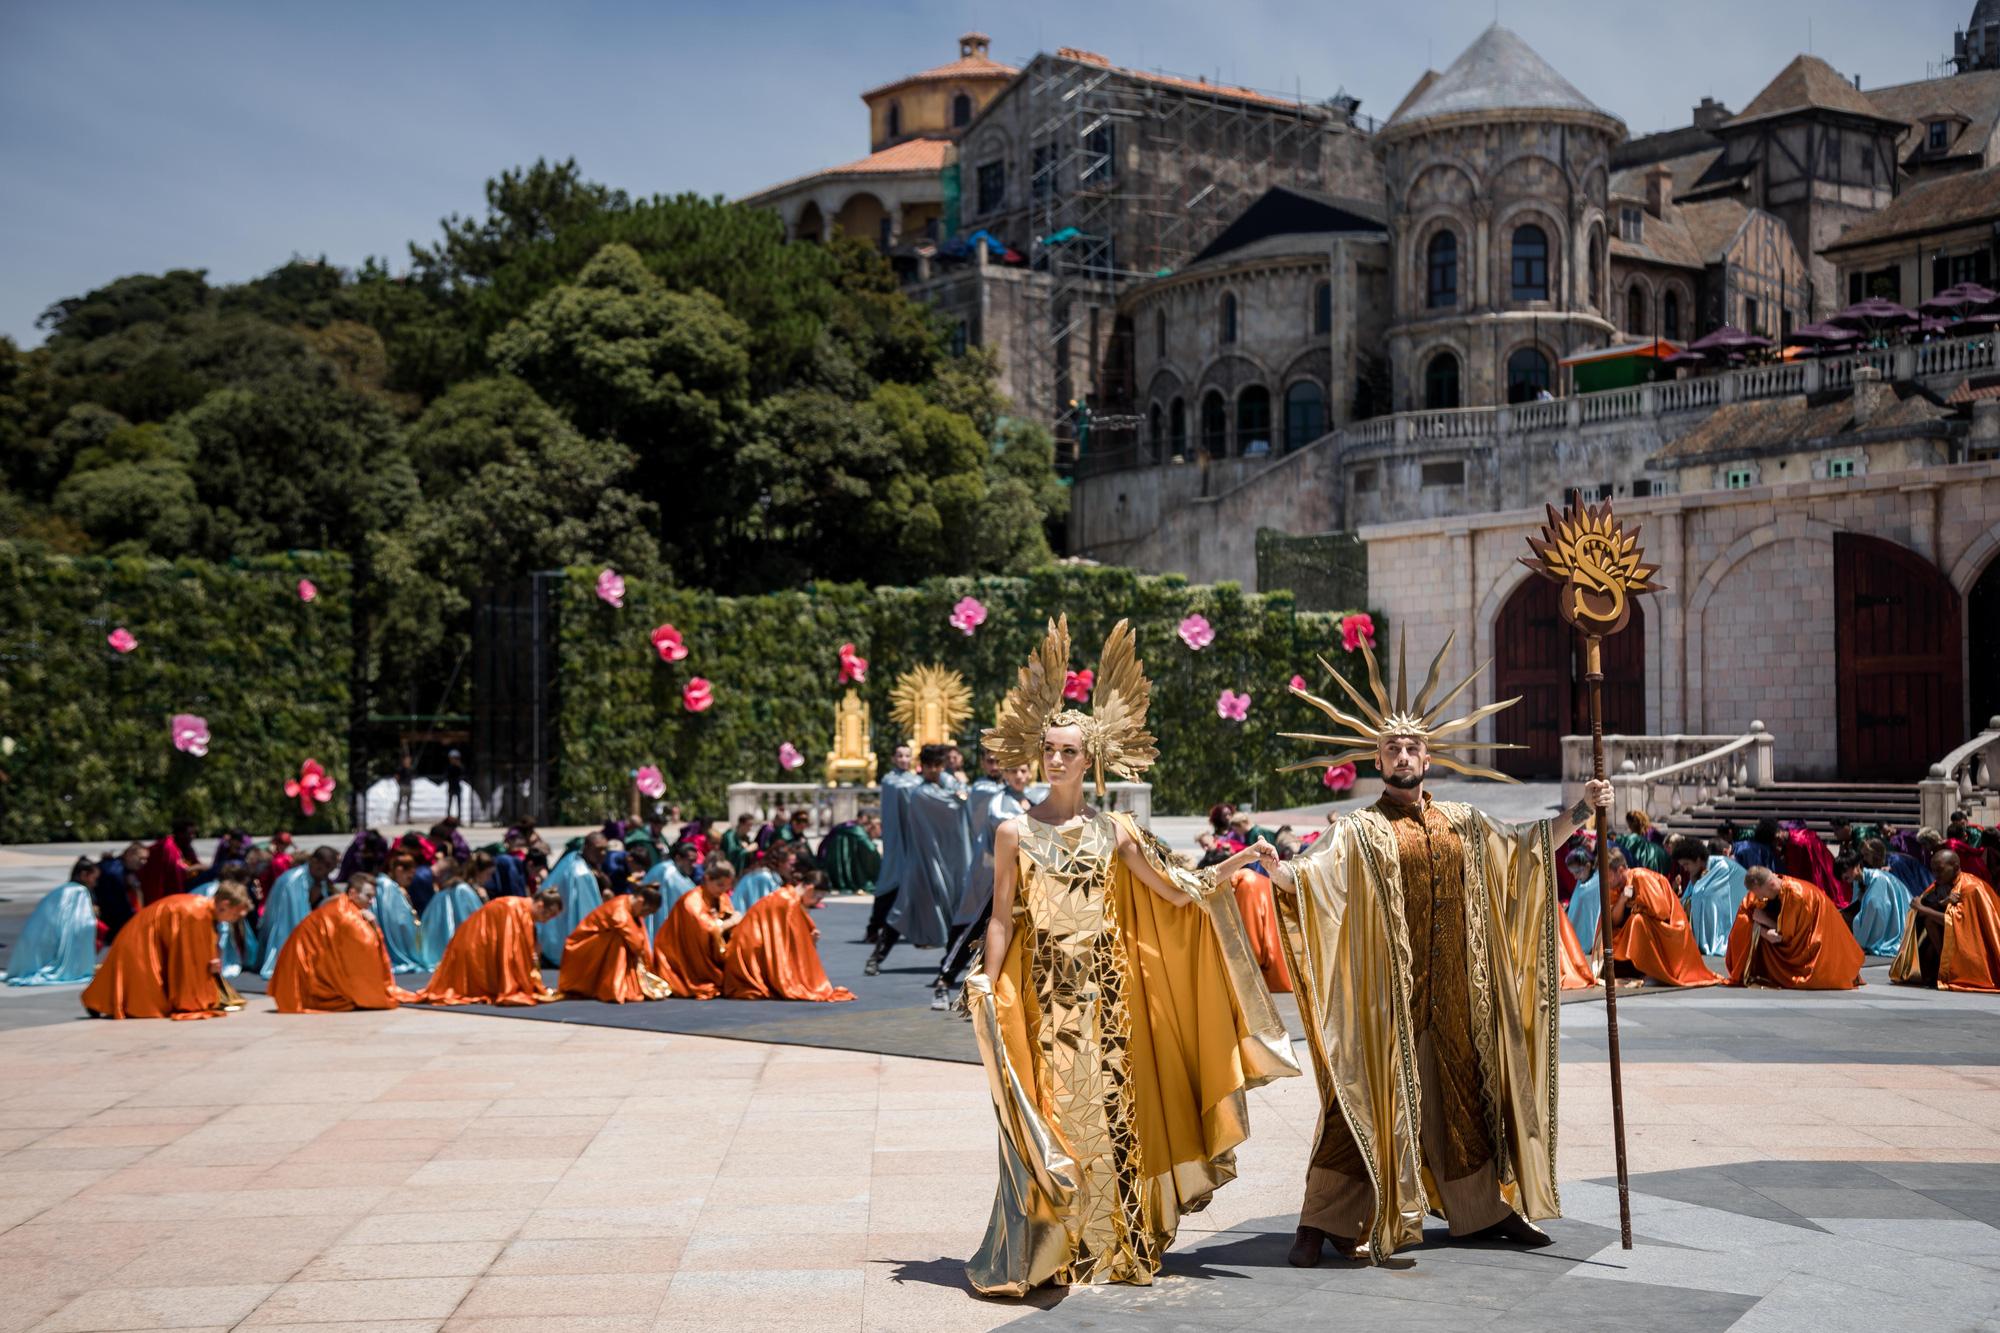 Mục sở thị các công viên giải trí Việt Nam bắt kịp xu hướng thế giới - Ảnh 3.